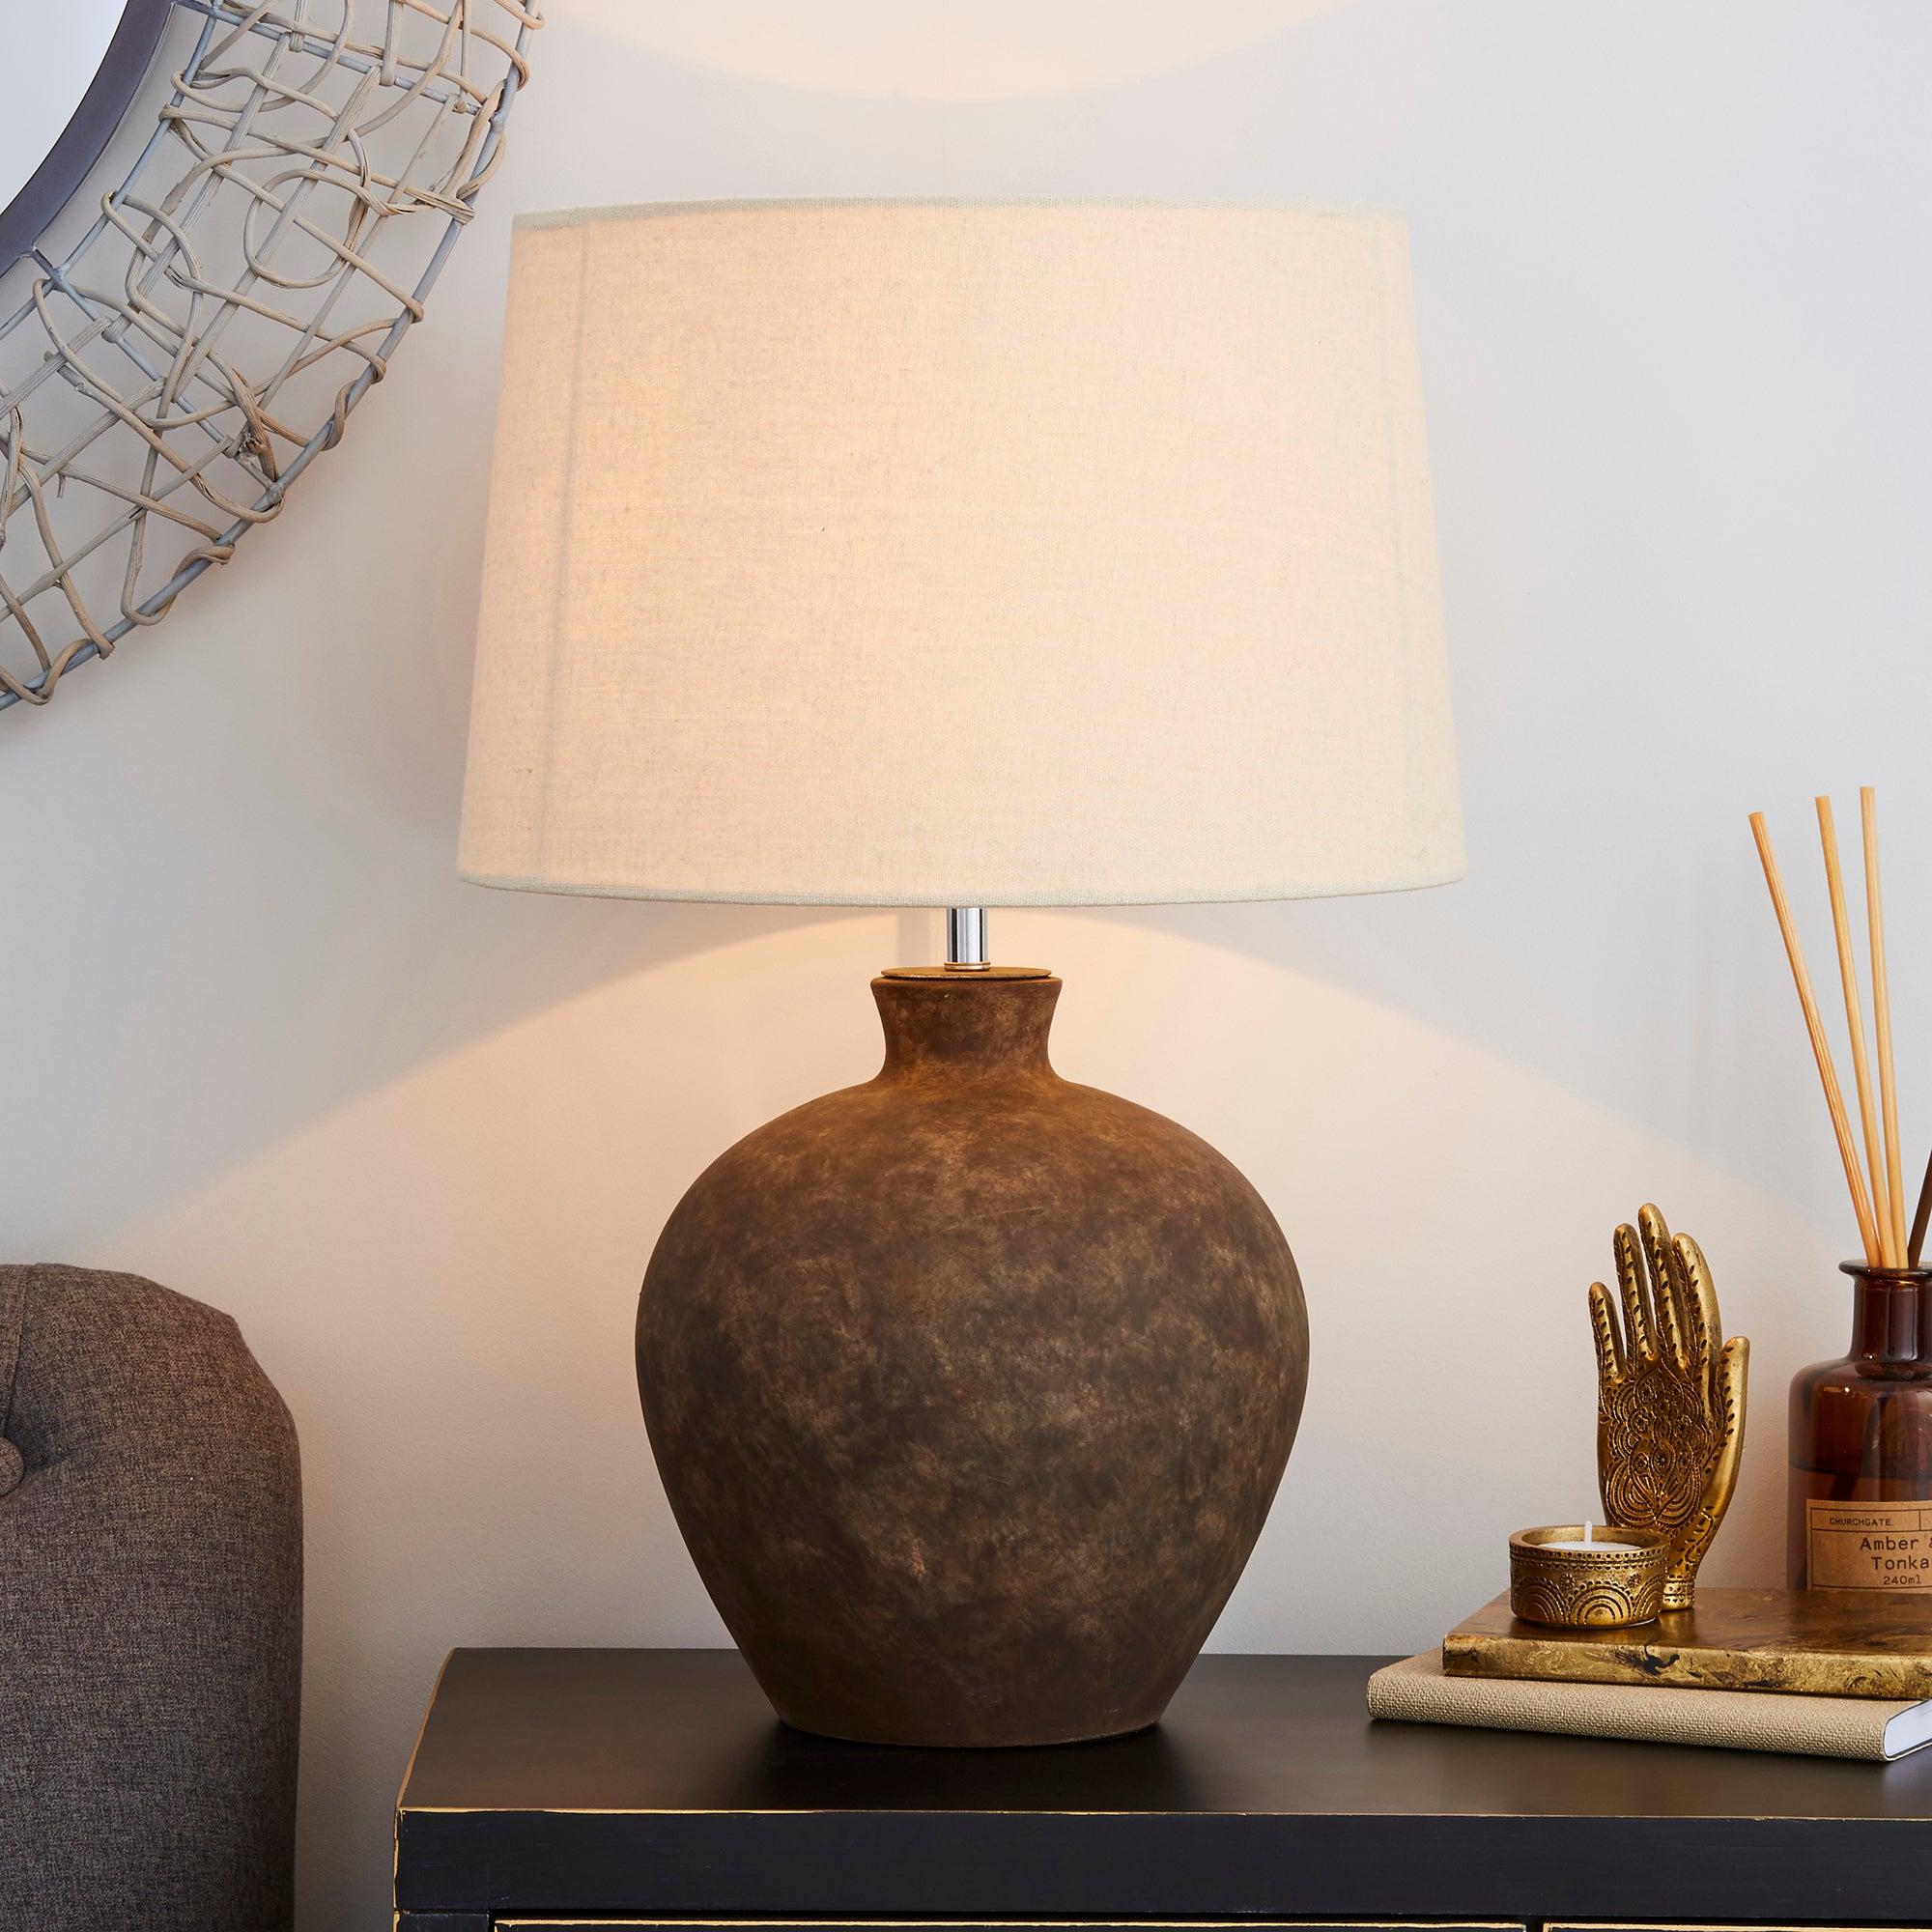 Santiago Large Washed Urn Table Lamp Light Brown / Natural